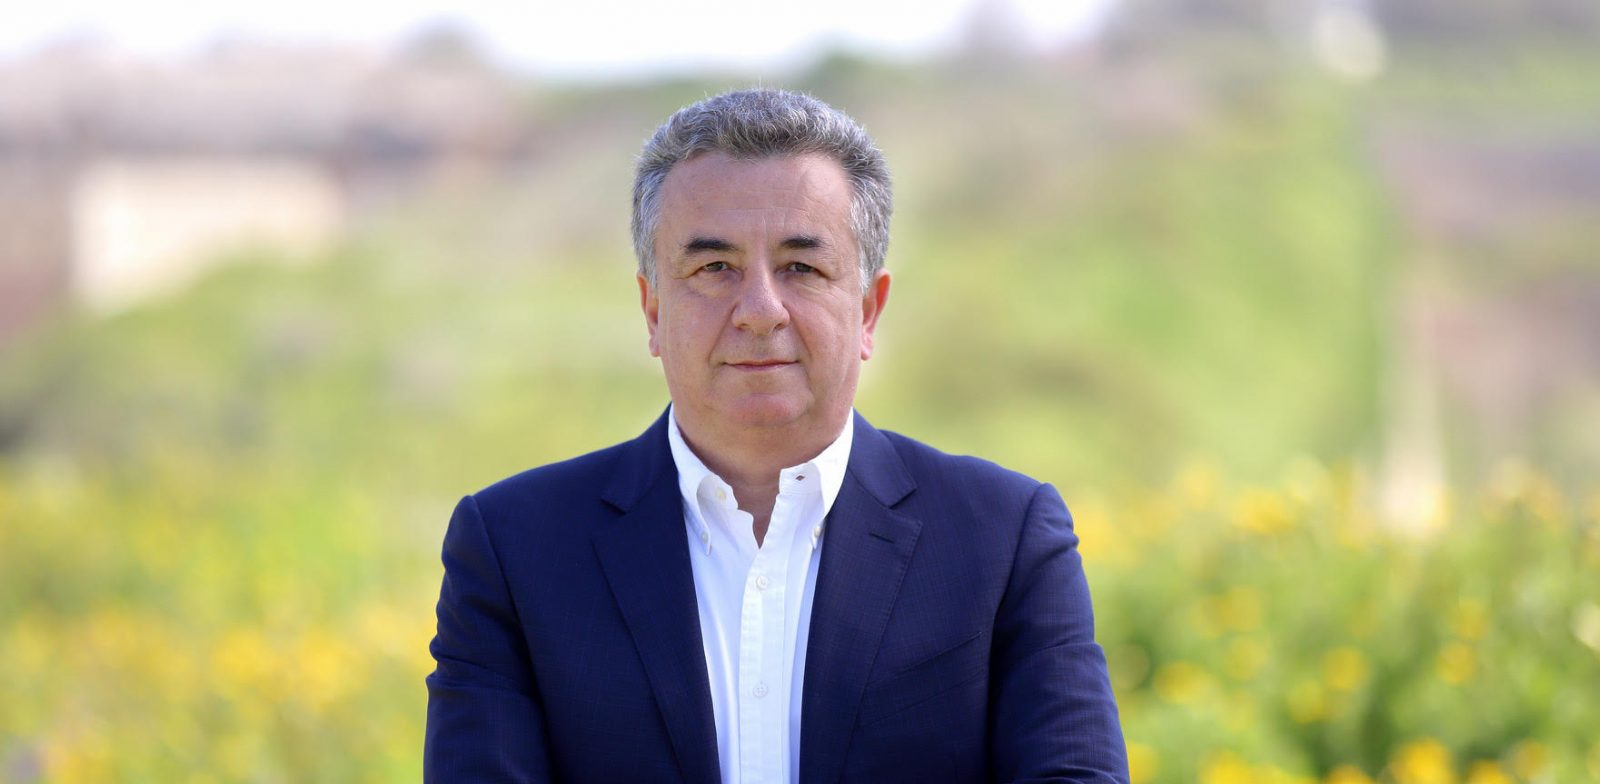 Crete Governor Stavros Arnaoutakis